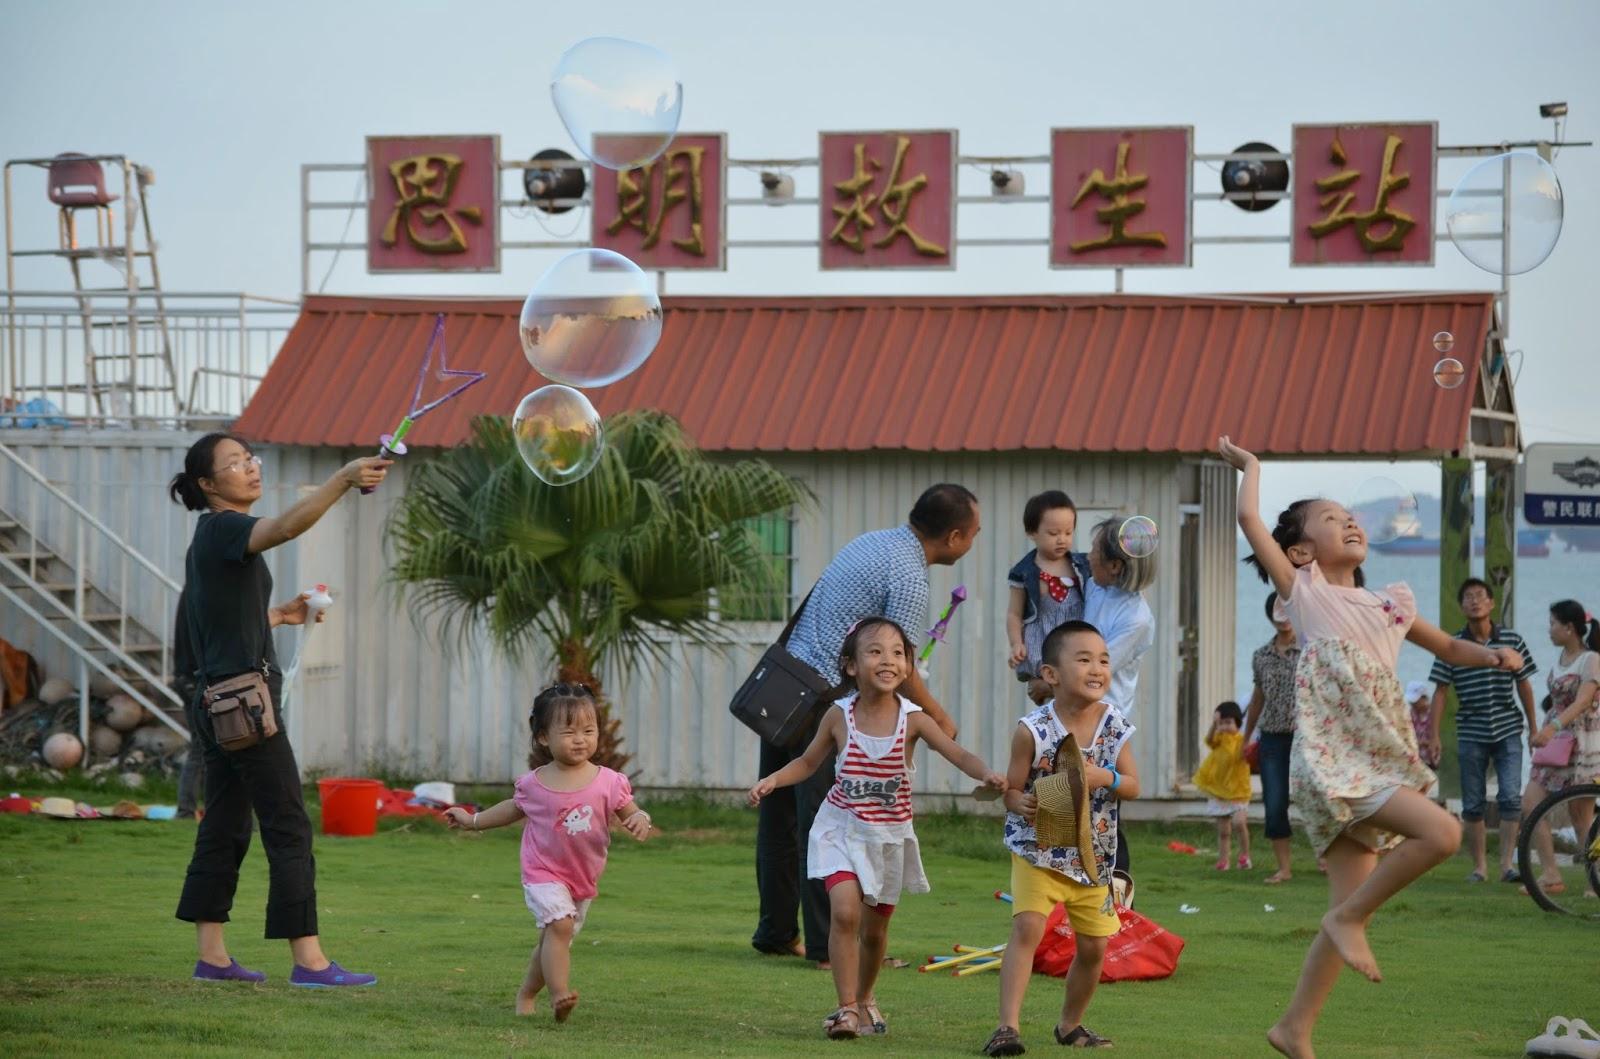 Chineses querem morar na China